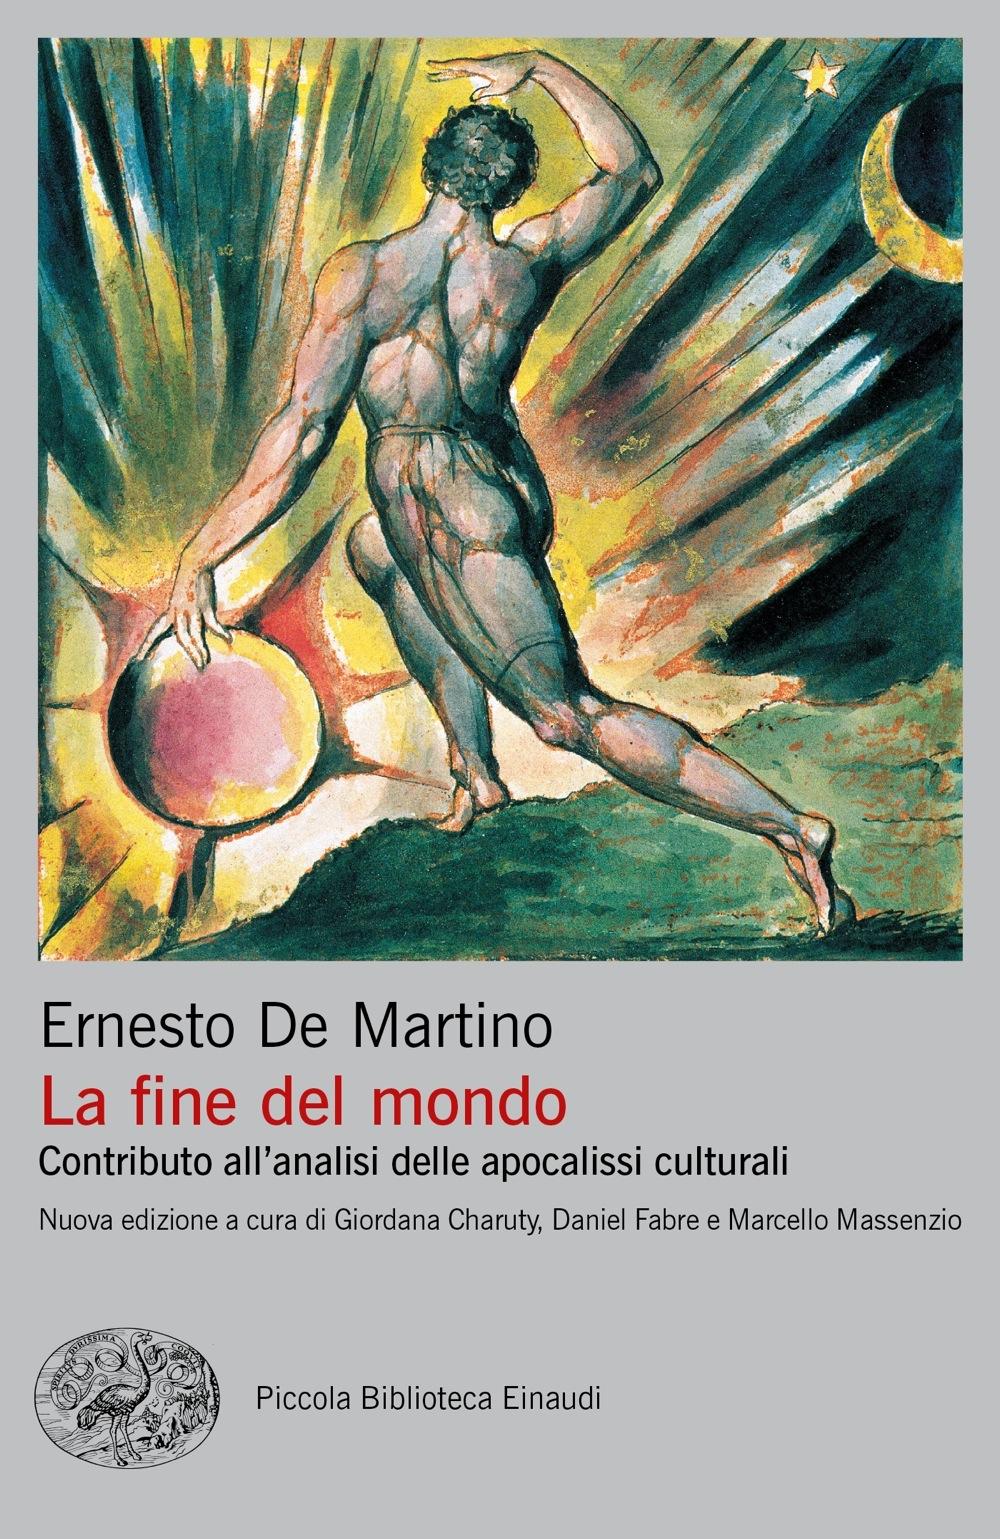 Copertina Einaudi. De Martino, La fine del mondo. Contributo all'analisi delle apocalissi culturali